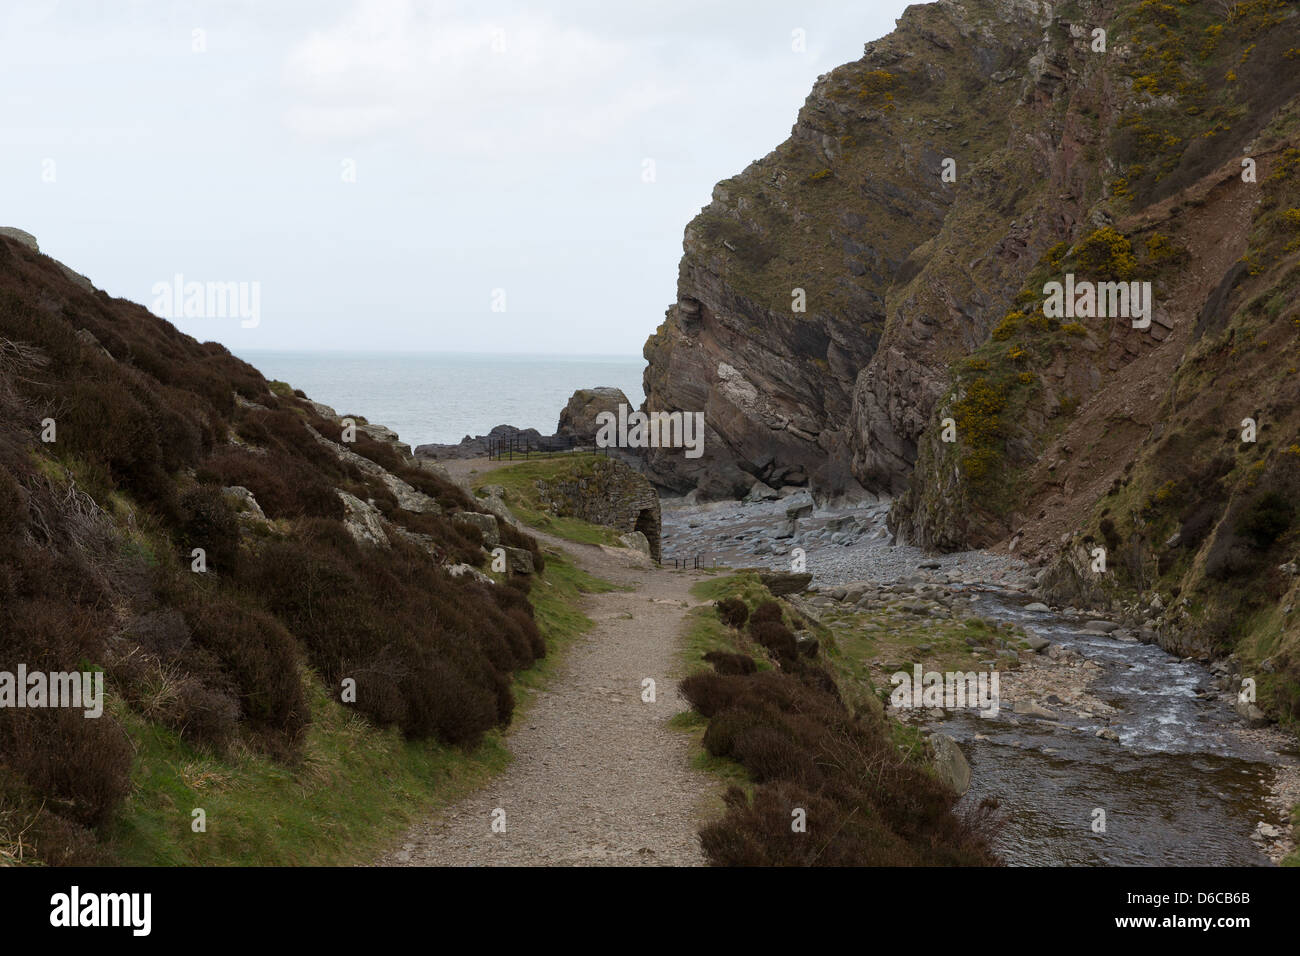 Heddon Valley Parco Nazionale di Exmoor Devon che conduce alla spiaggia di Heddons bocca. Circondata da colline Immagini Stock